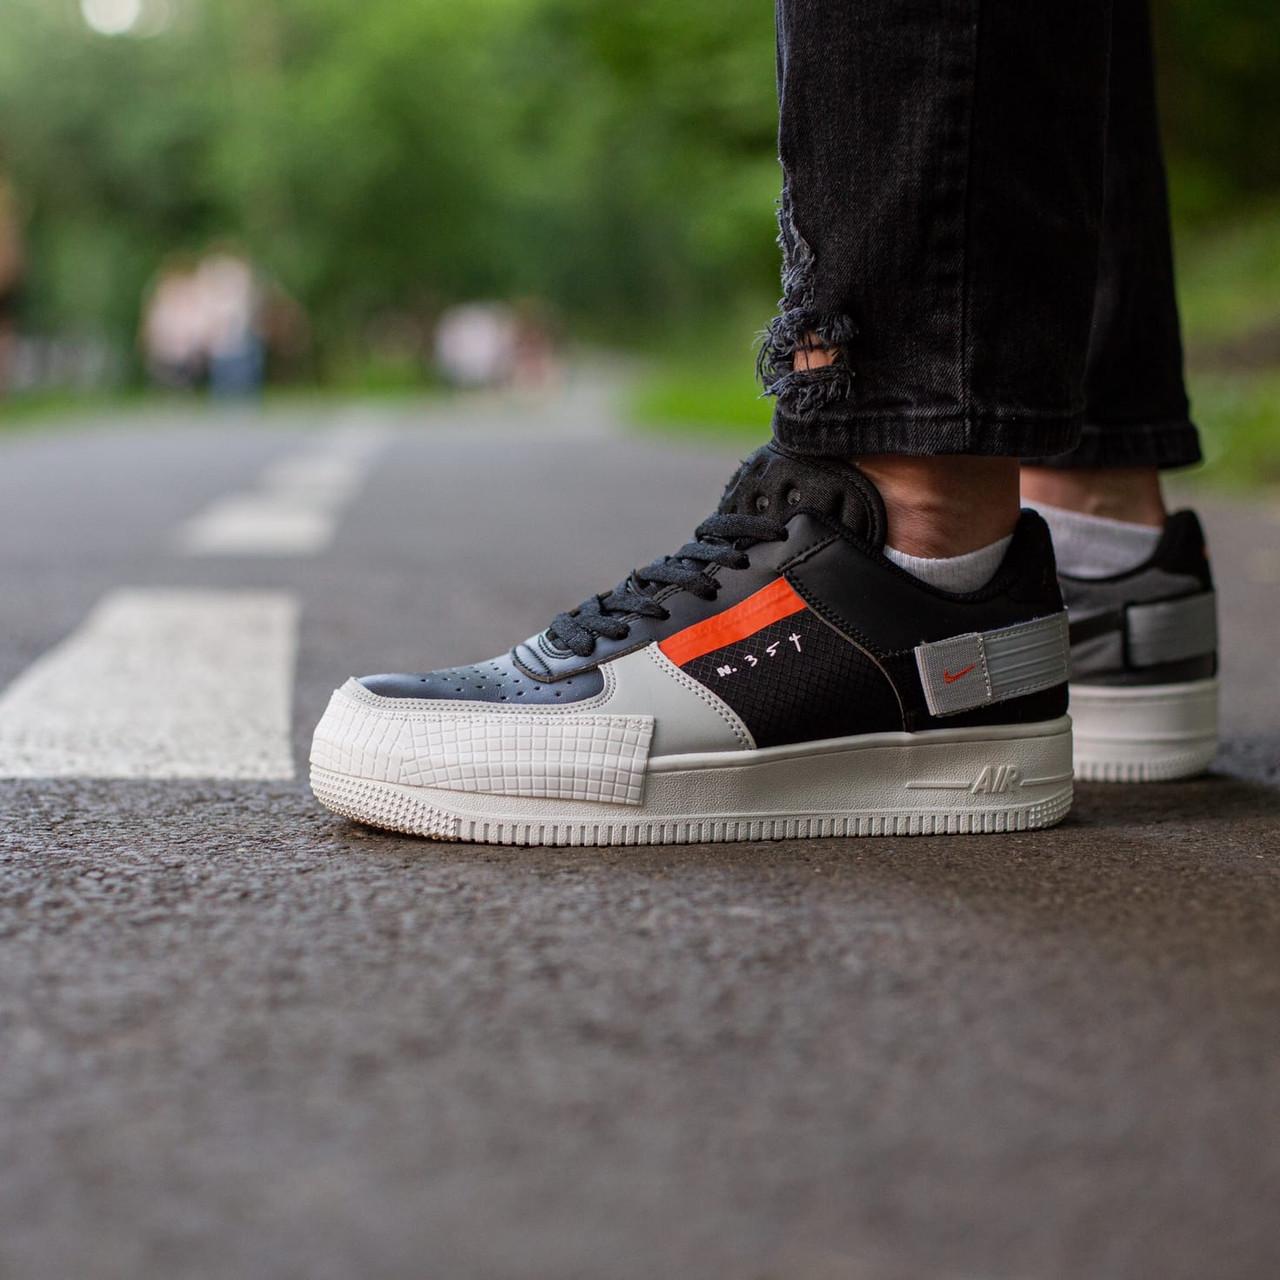 Мужские кроссовки Nike Air Force n 354 black orange, Реплика